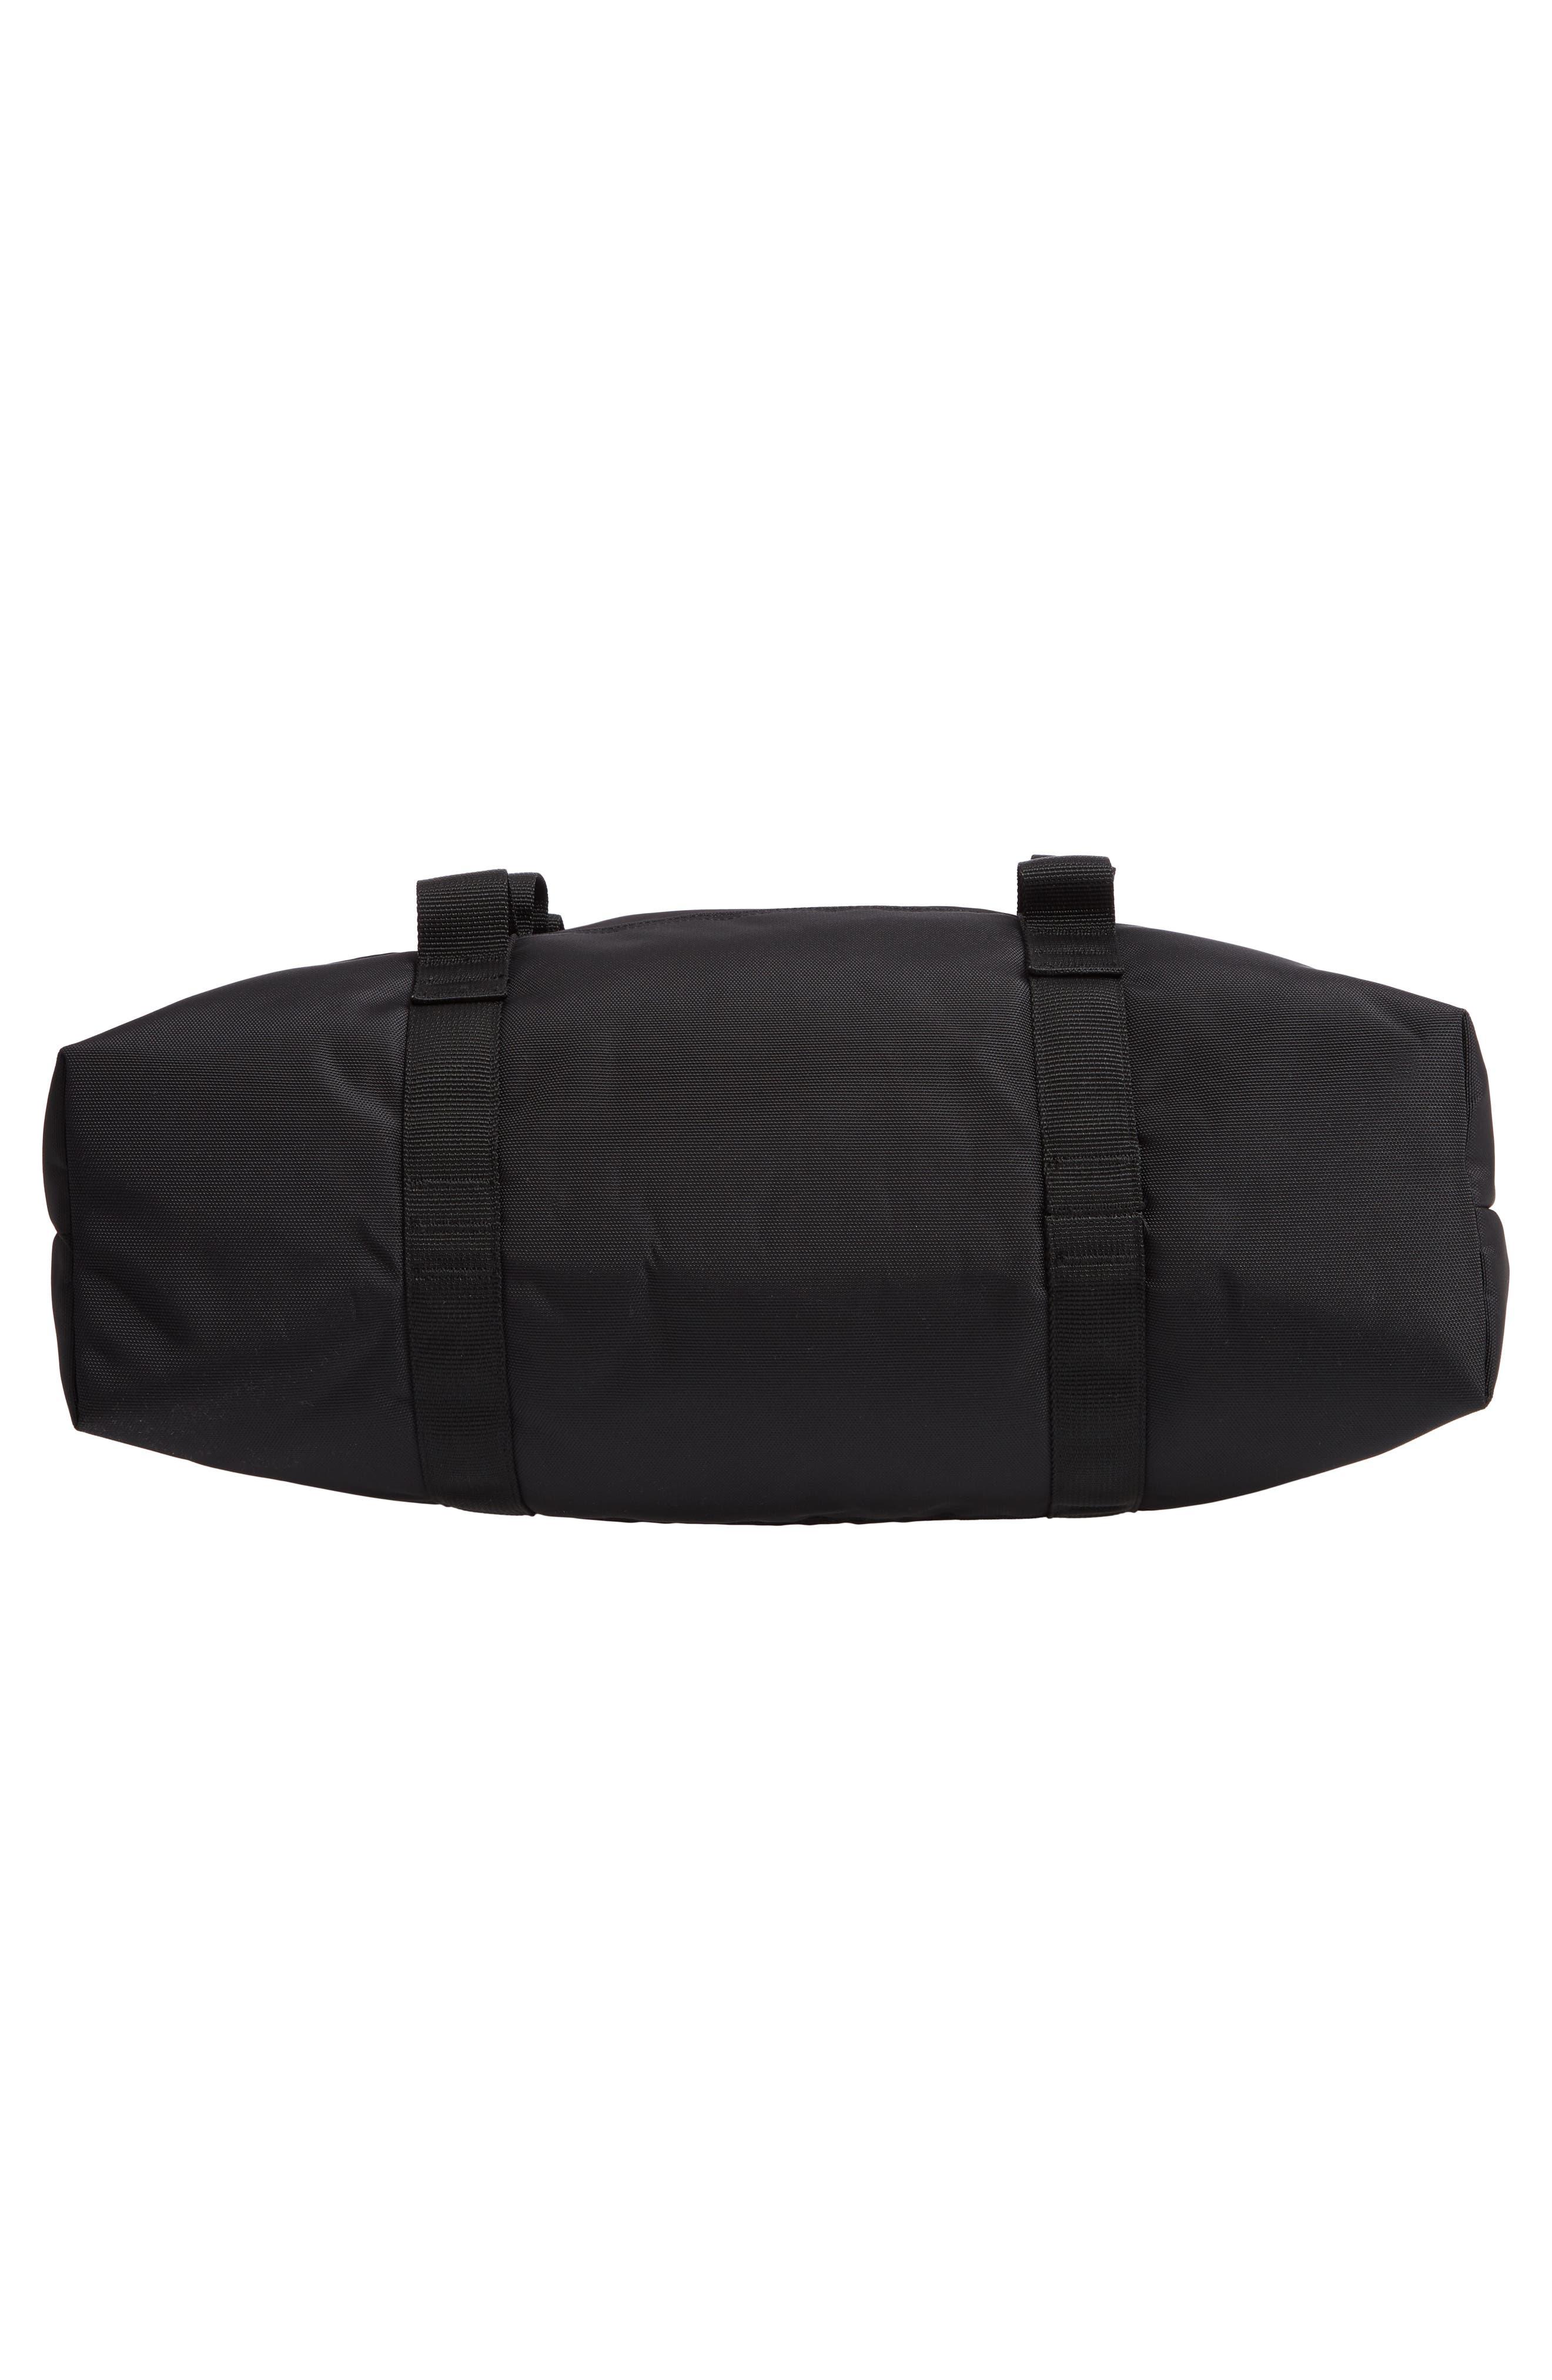 Military Shopper Tote Bag,                             Alternate thumbnail 6, color,                             BLACK / BLACK